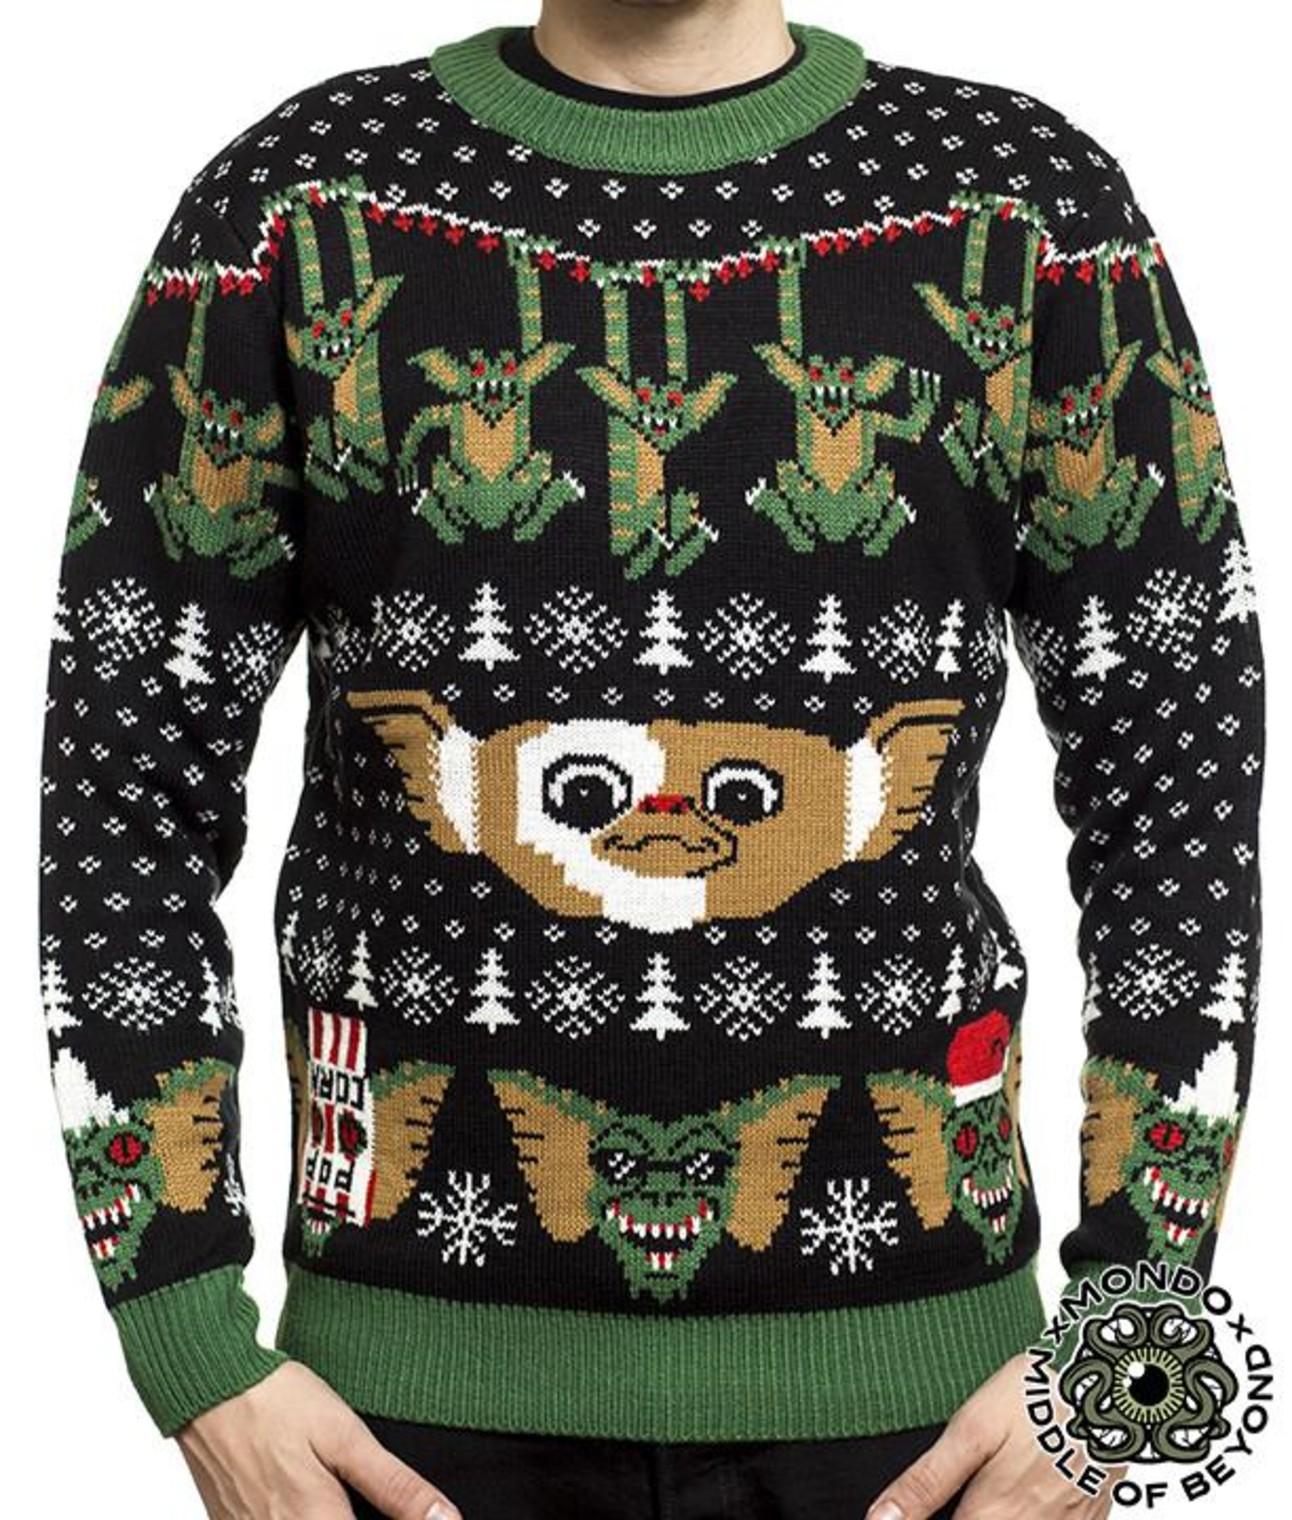 gremlins_sweater.jpg